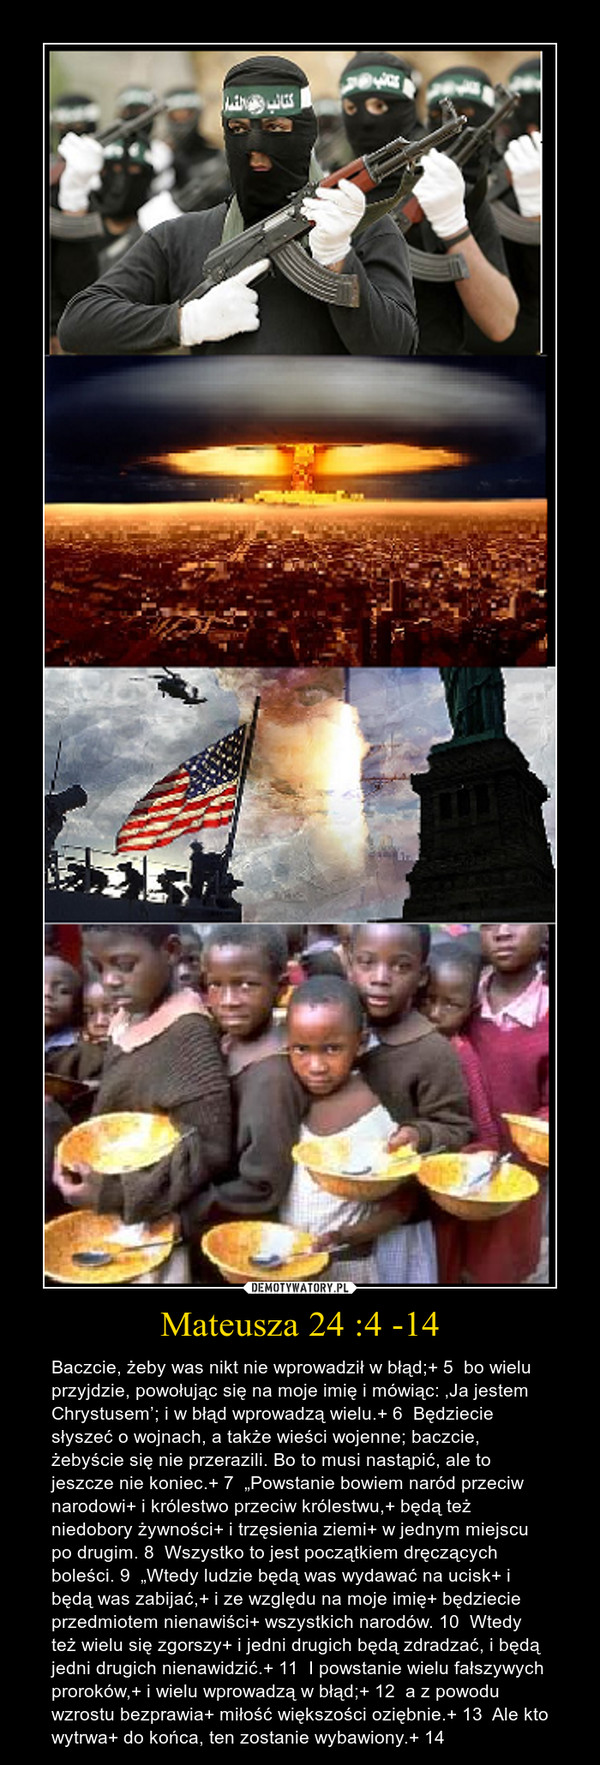 """Mateusza 24 :4 -14 – Baczcie, żeby was nikt nie wprowadził w błąd;+ 5  bo wielu przyjdzie, powołując się na moje imię i mówiąc: 'Ja jestem Chrystusem'; i w błąd wprowadzą wielu.+ 6  Będziecie słyszeć o wojnach, a także wieści wojenne; baczcie, żebyście się nie przerazili. Bo to musi nastąpić, ale to jeszcze nie koniec.+ 7  """"Powstanie bowiem naród przeciw narodowi+ i królestwo przeciw królestwu,+ będą też niedobory żywności+ i trzęsienia ziemi+ w jednym miejscu po drugim. 8  Wszystko to jest początkiem dręczących boleści. 9  """"Wtedy ludzie będą was wydawać na ucisk+ i będą was zabijać,+ i ze względu na moje imię+ będziecie przedmiotem nienawiści+ wszystkich narodów. 10  Wtedy też wielu się zgorszy+ i jedni drugich będą zdradzać, i będą jedni drugich nienawidzić.+ 11  I powstanie wielu fałszywych proroków,+ i wielu wprowadzą w błąd;+ 12  a z powodu wzrostu bezprawia+ miłość większości oziębnie.+ 13  Ale kto wytrwa+ do końca, ten zostanie wybawiony.+ 14"""